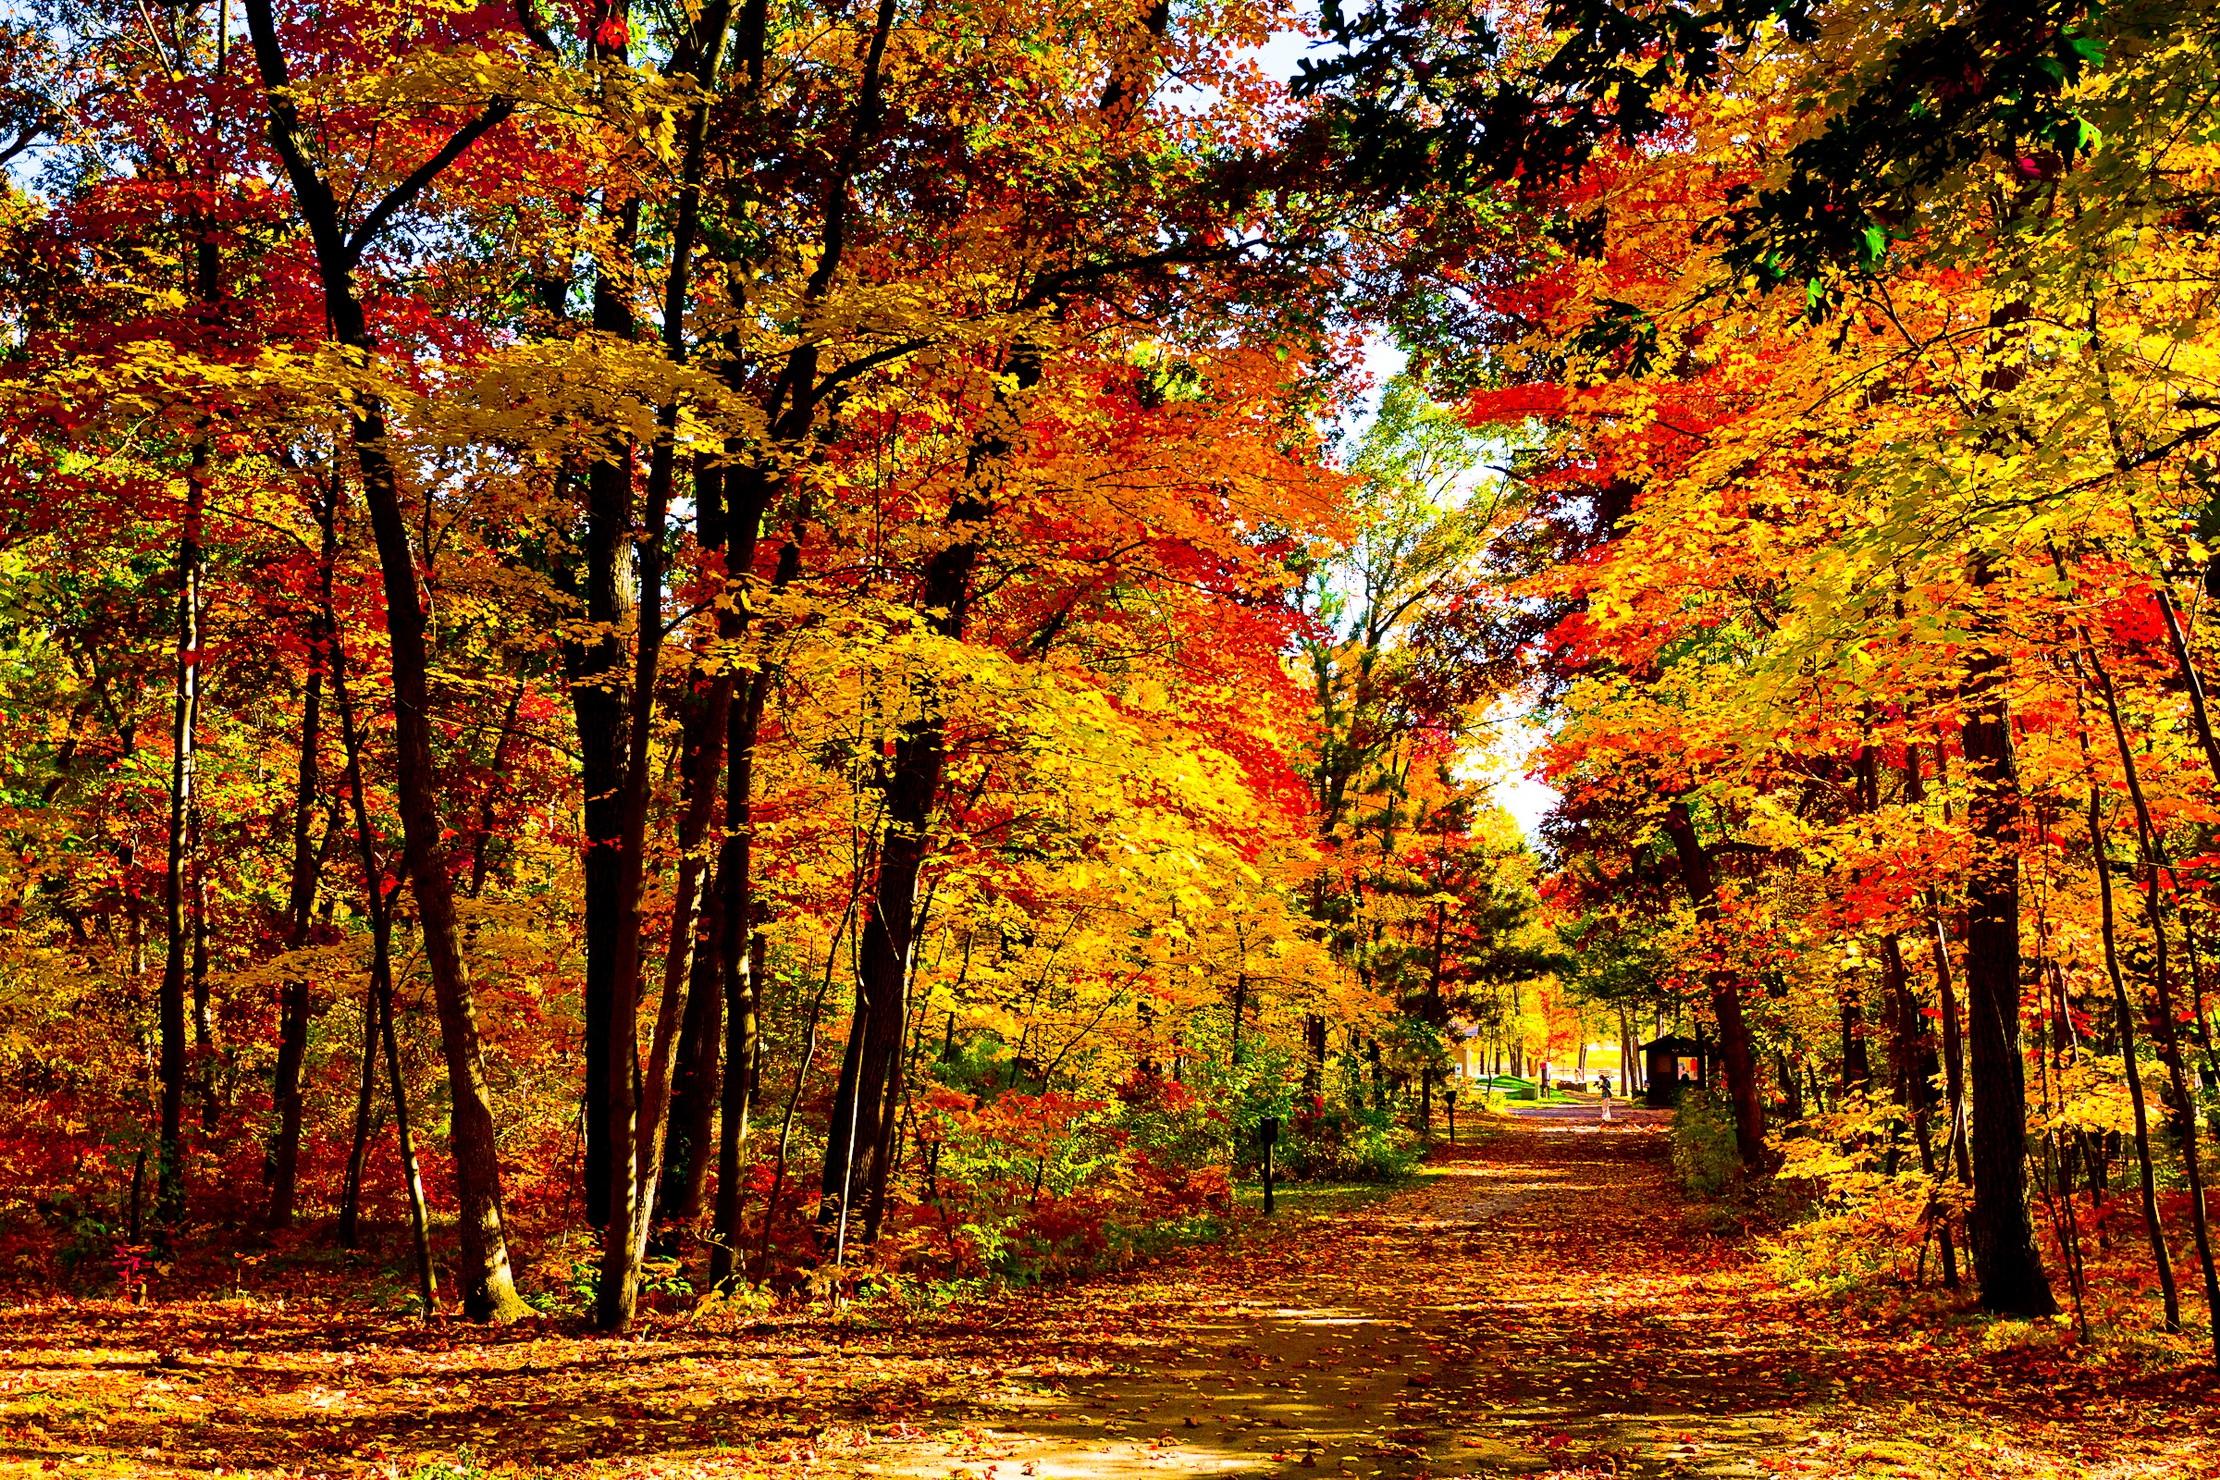 92266 Заставки и Обои Осень на телефон. Скачать Осень, Дорога, Природа, Деревья, Лес, Листопад, Сша, Ярко, Висконсин картинки бесплатно